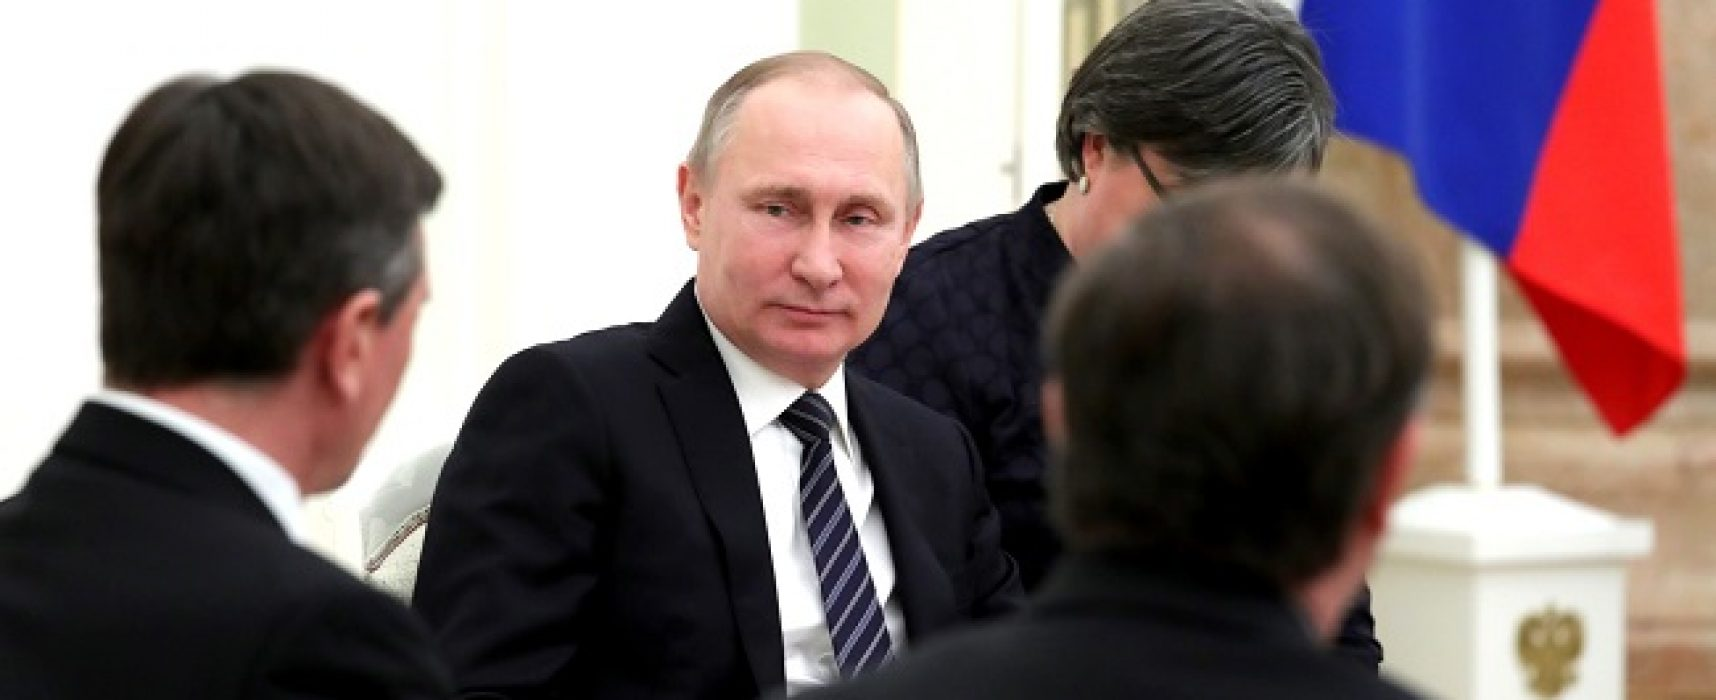 Russian propaganda foundation functioned under previous Polish gov't: report